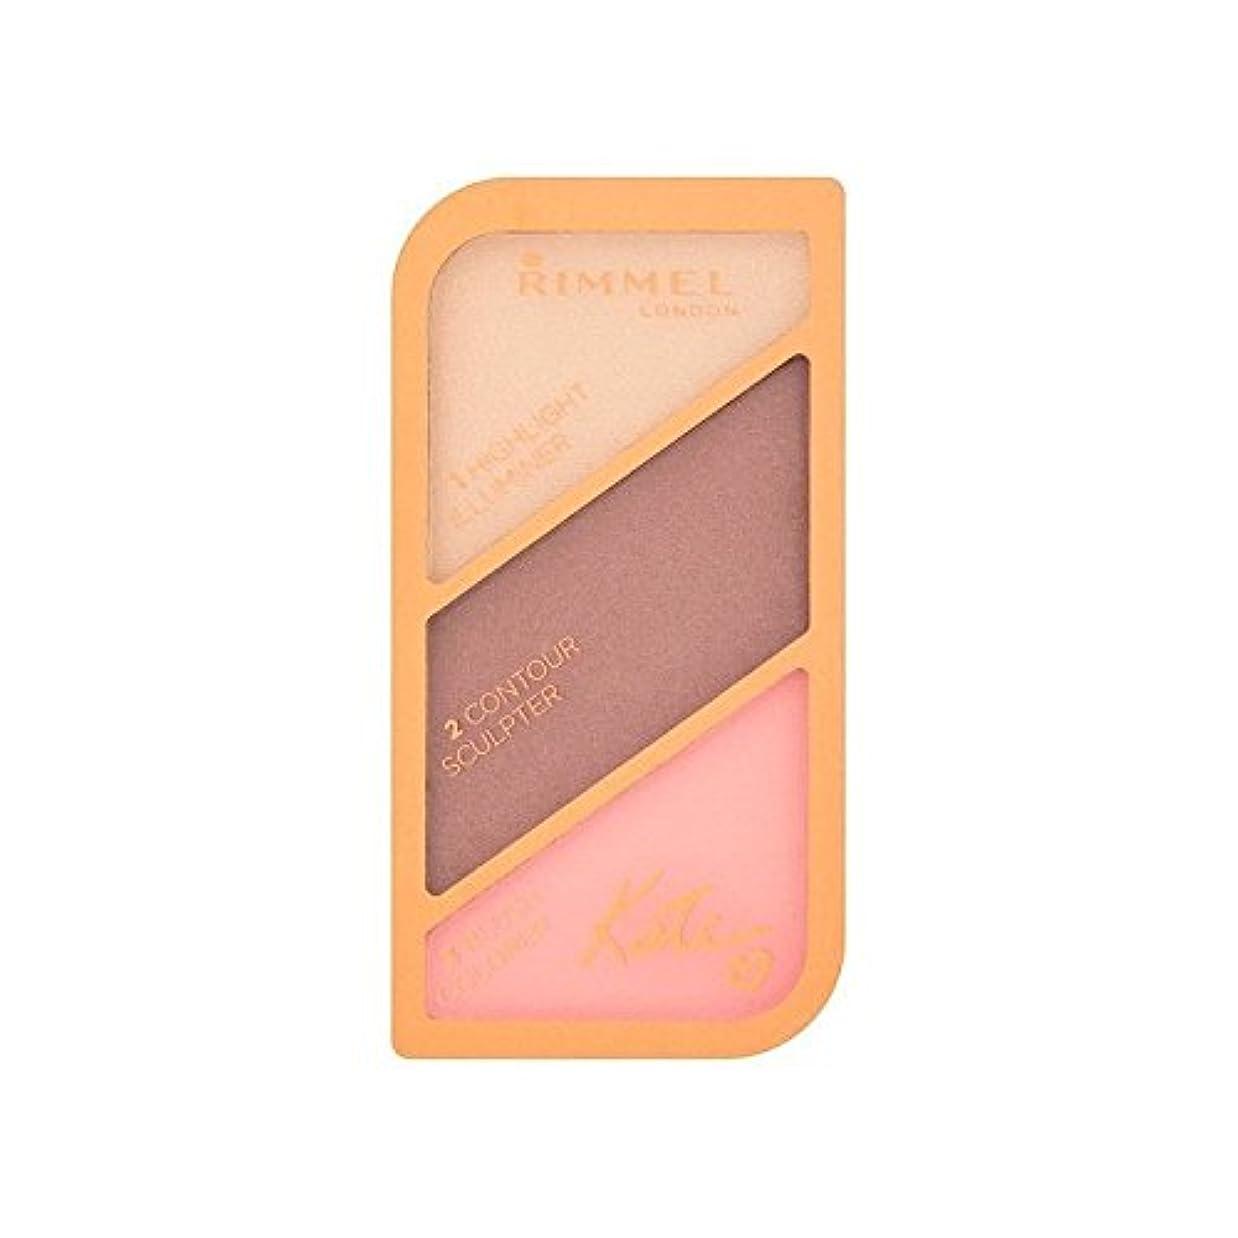 受粉する襟徒歩でリンメルケイト?モスの彫刻パレット黄金のブロンズ003 x2 - Rimmel Kate Moss Sculpting Palette Golden Bronze 003 (Pack of 2) [並行輸入品]